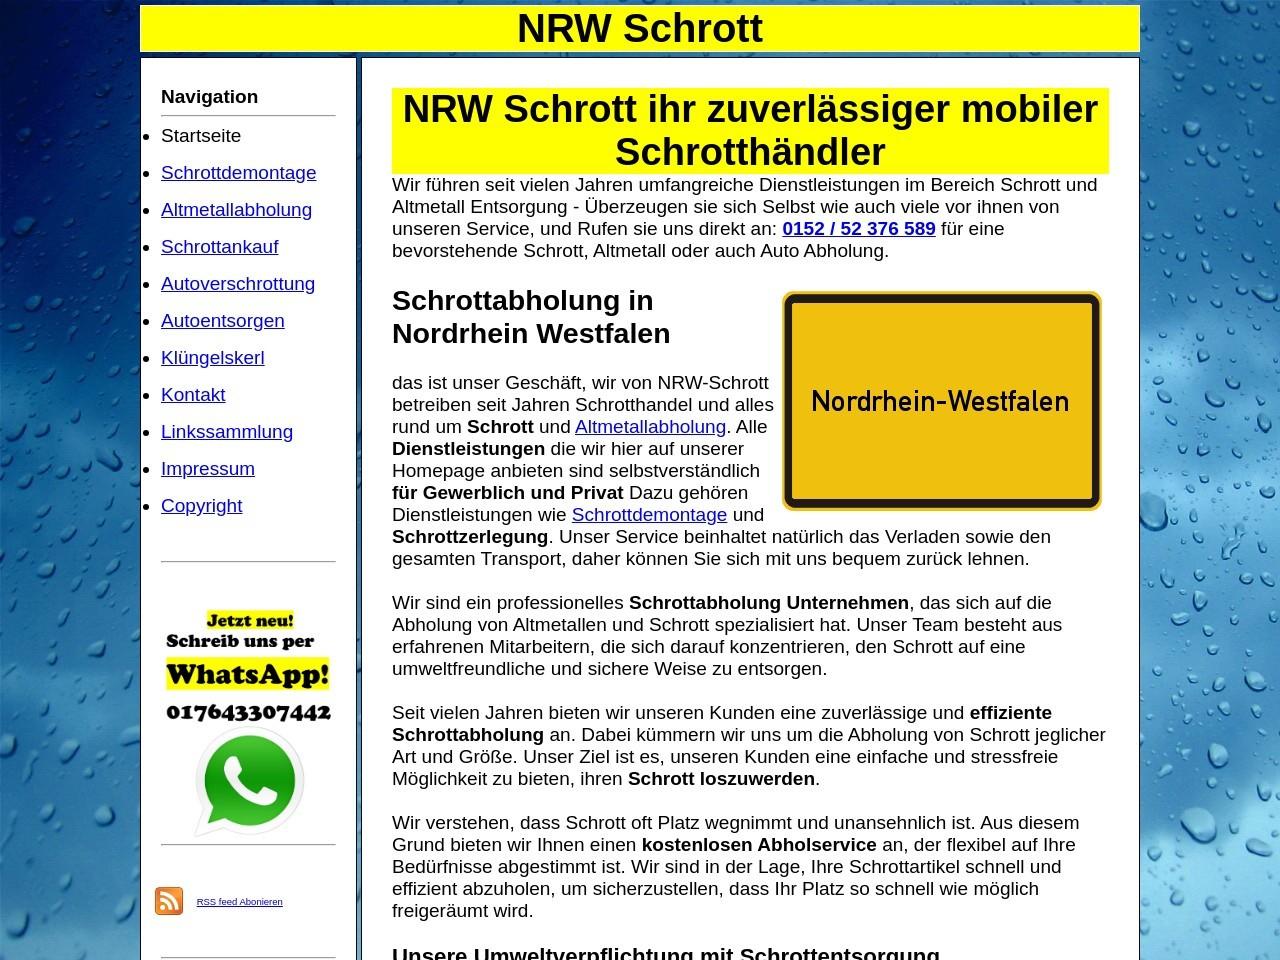 Schrottdemontage und Schrottzerlegung Nordrhein-Westfalen Thumb